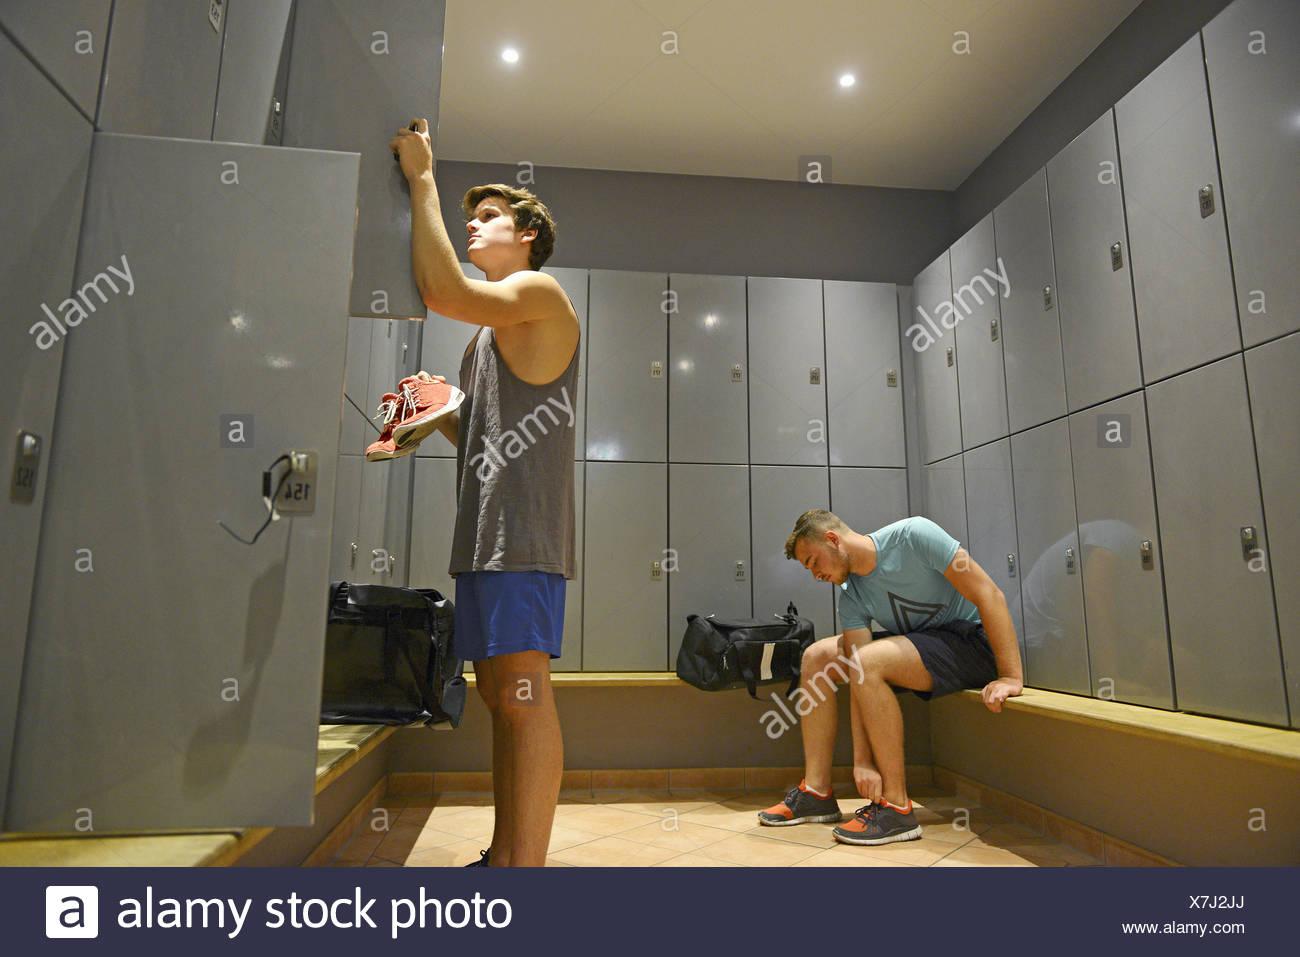 Teenage boy in gym locker room stock photos teenage boy in gym